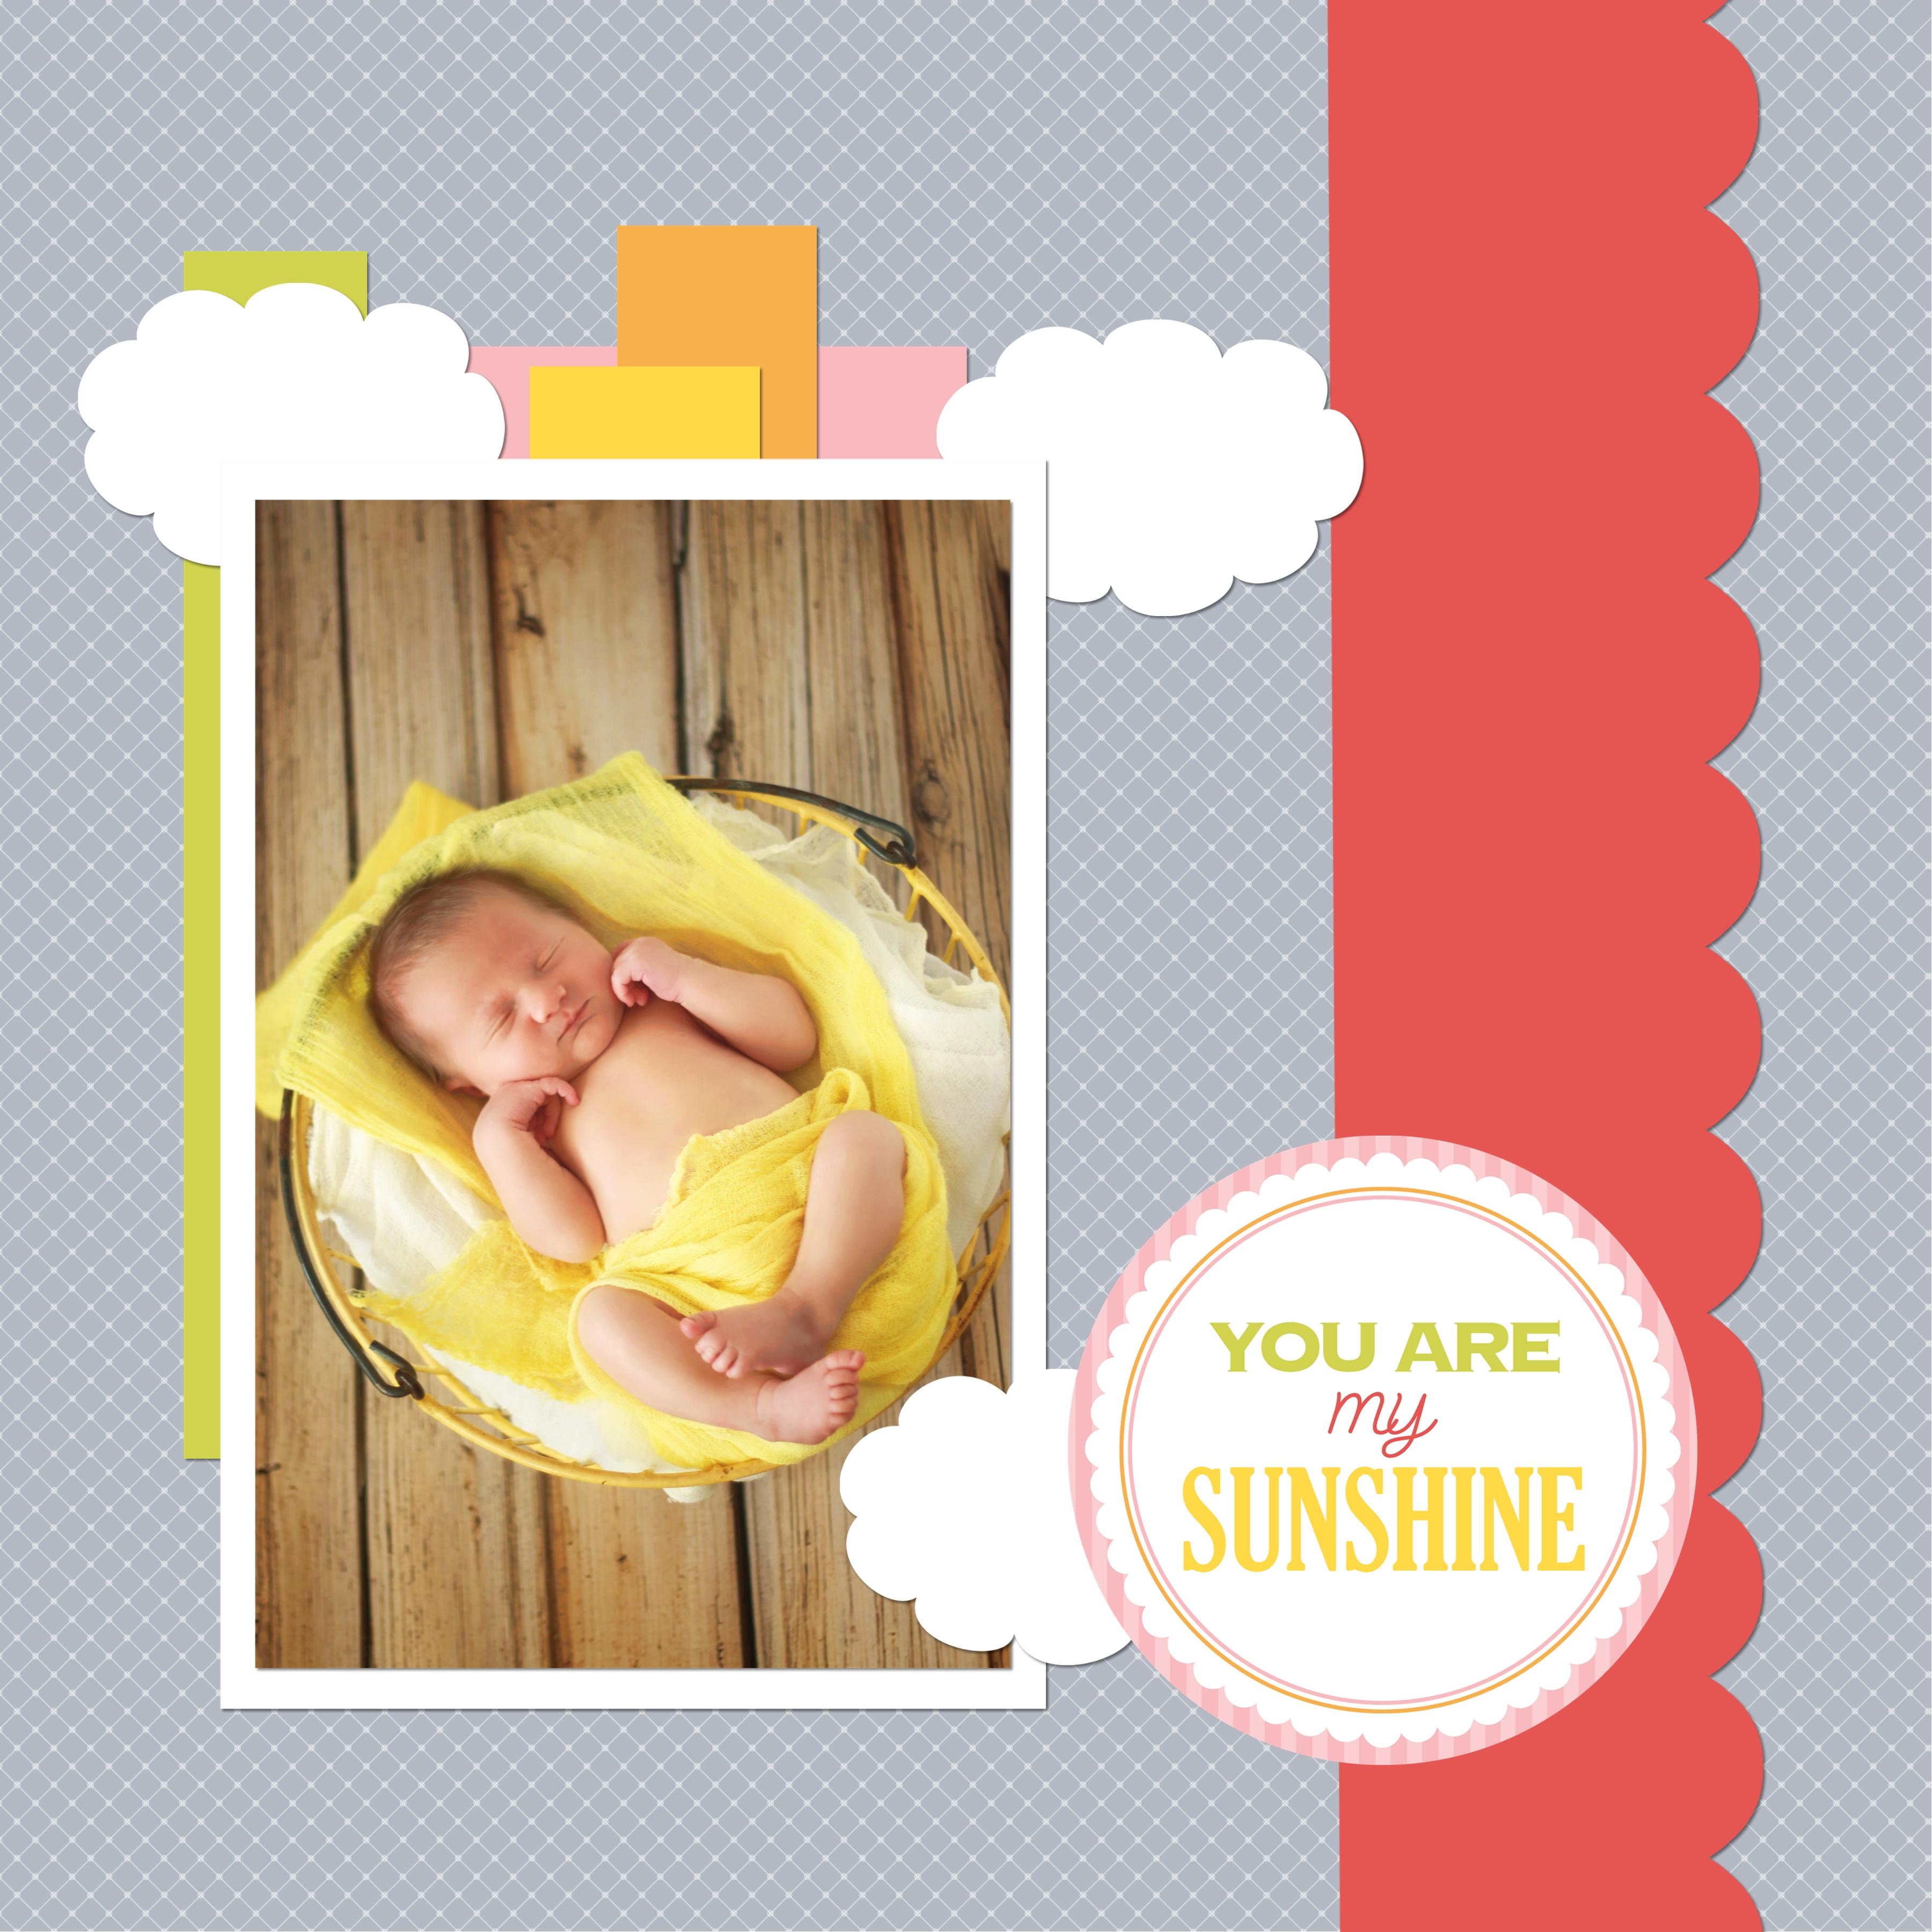 BabyGirl - Page 009.jpg